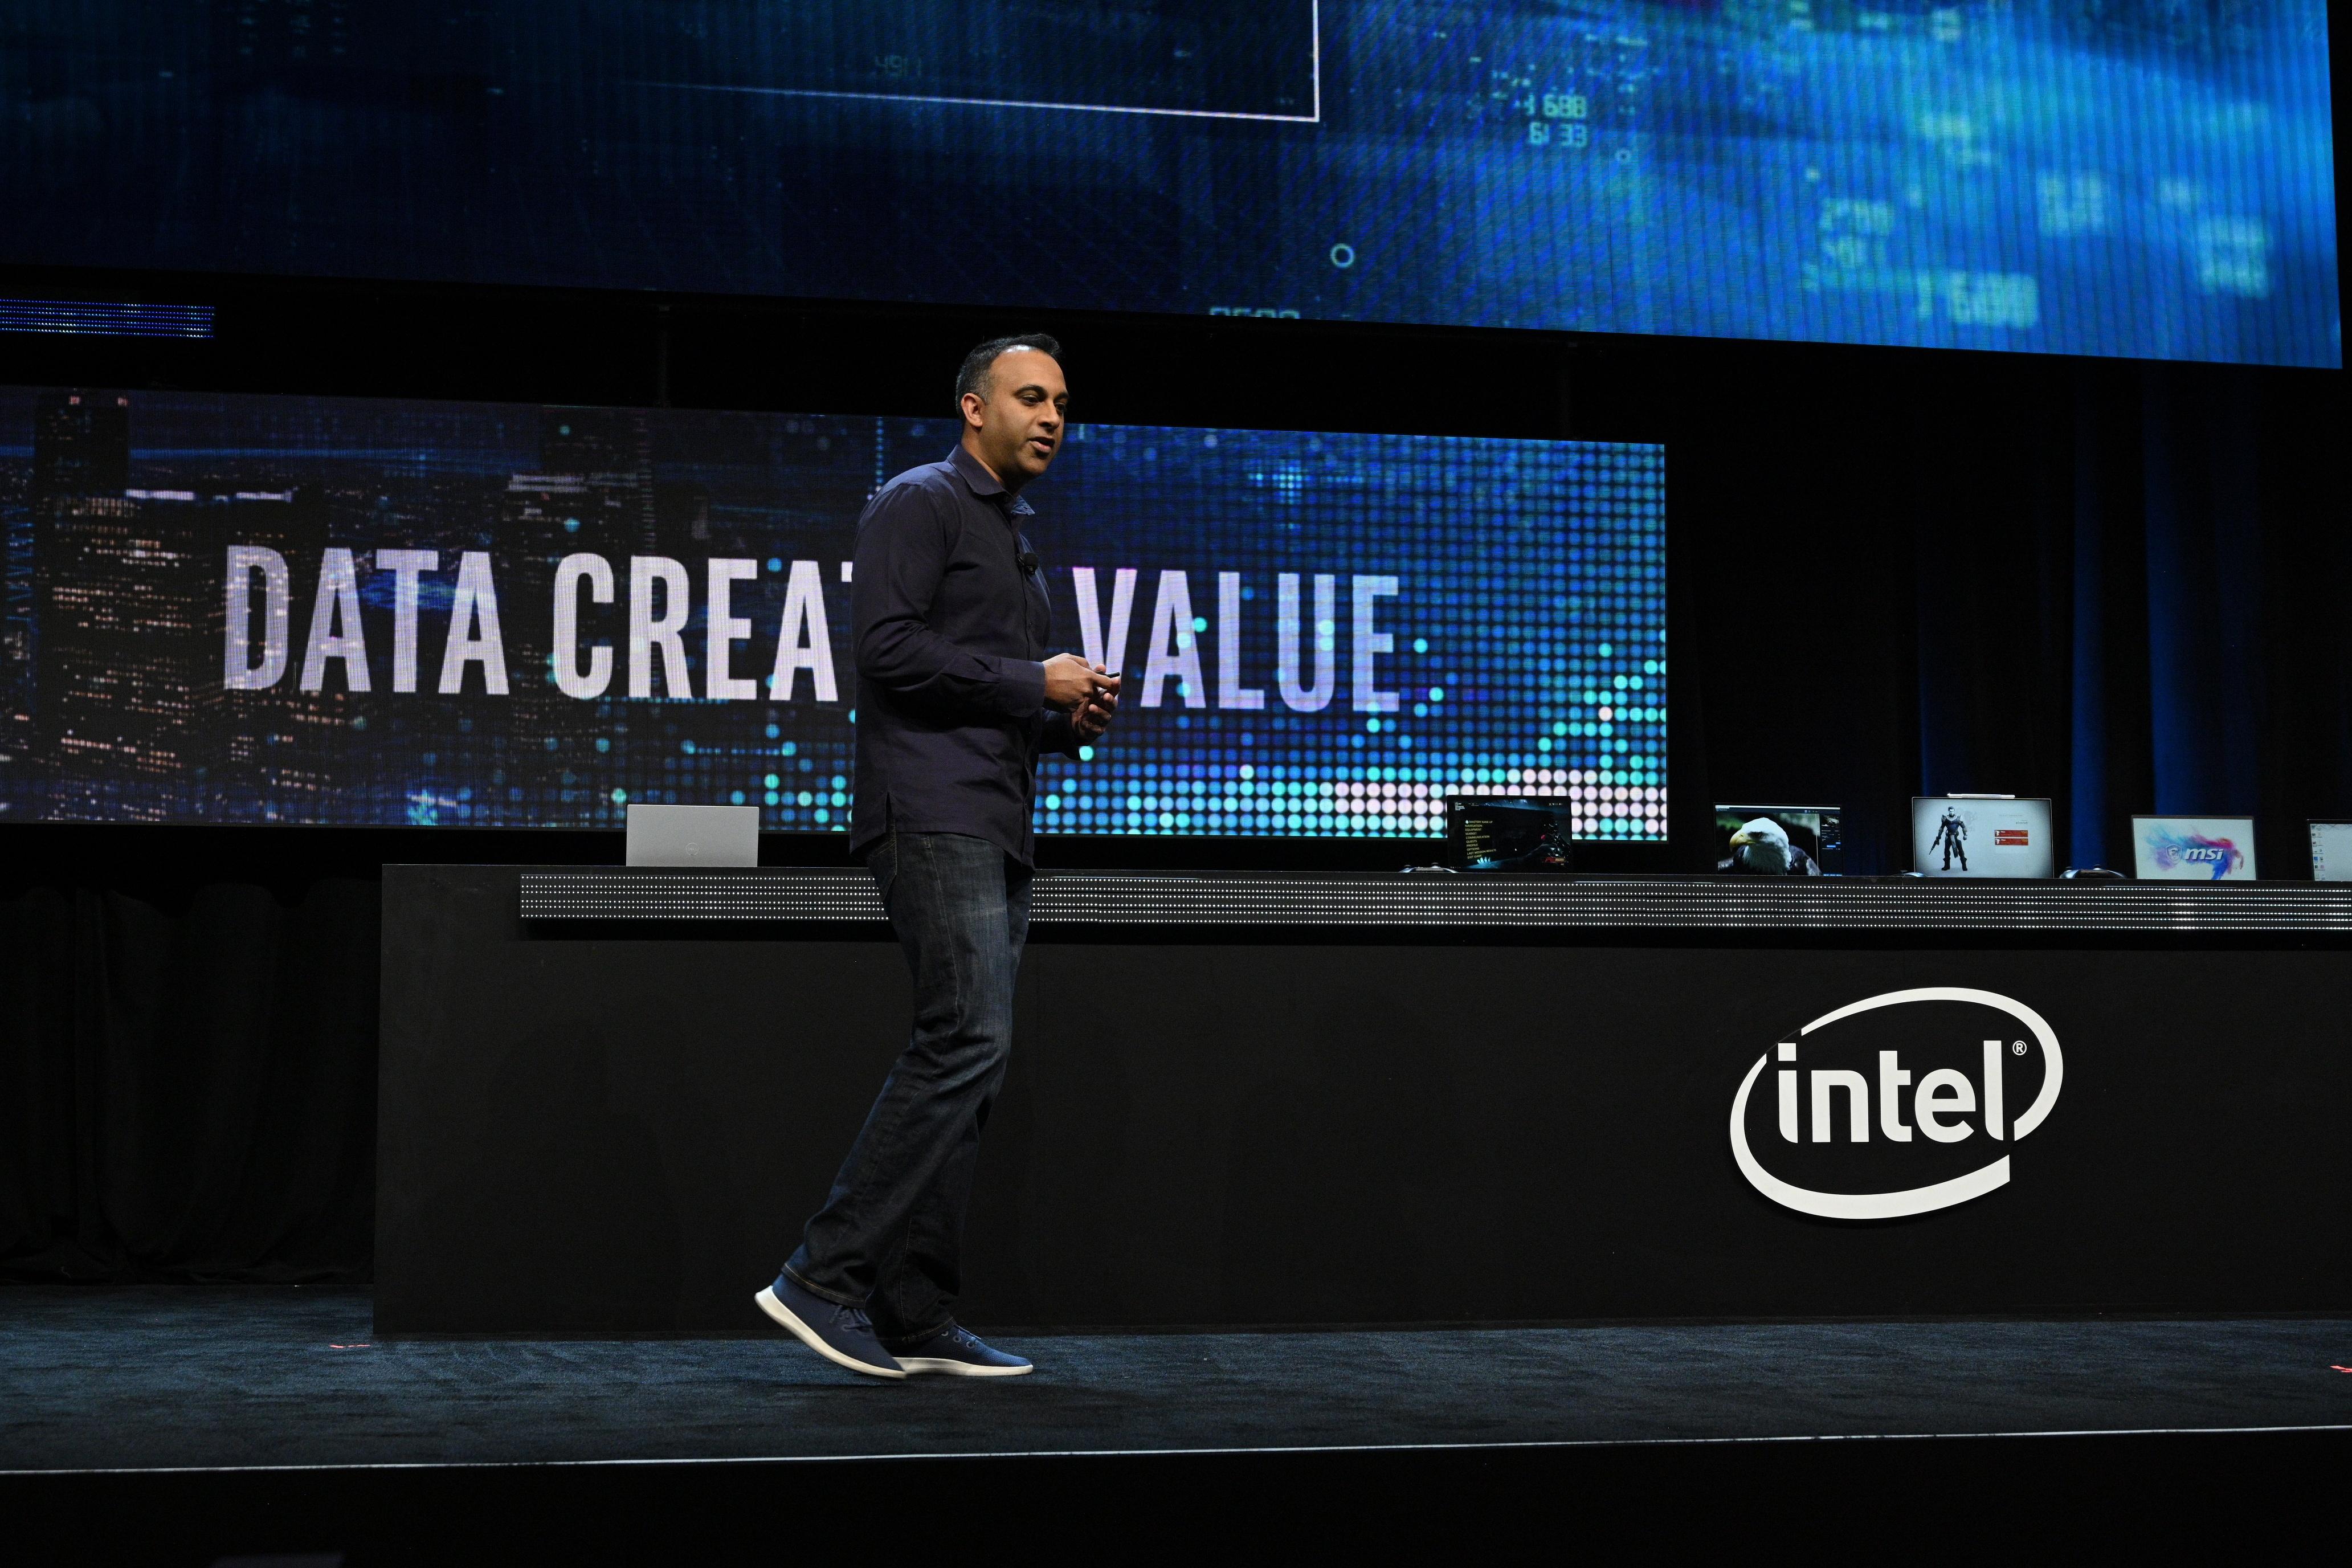 Intel-2020-CES-Shenoy